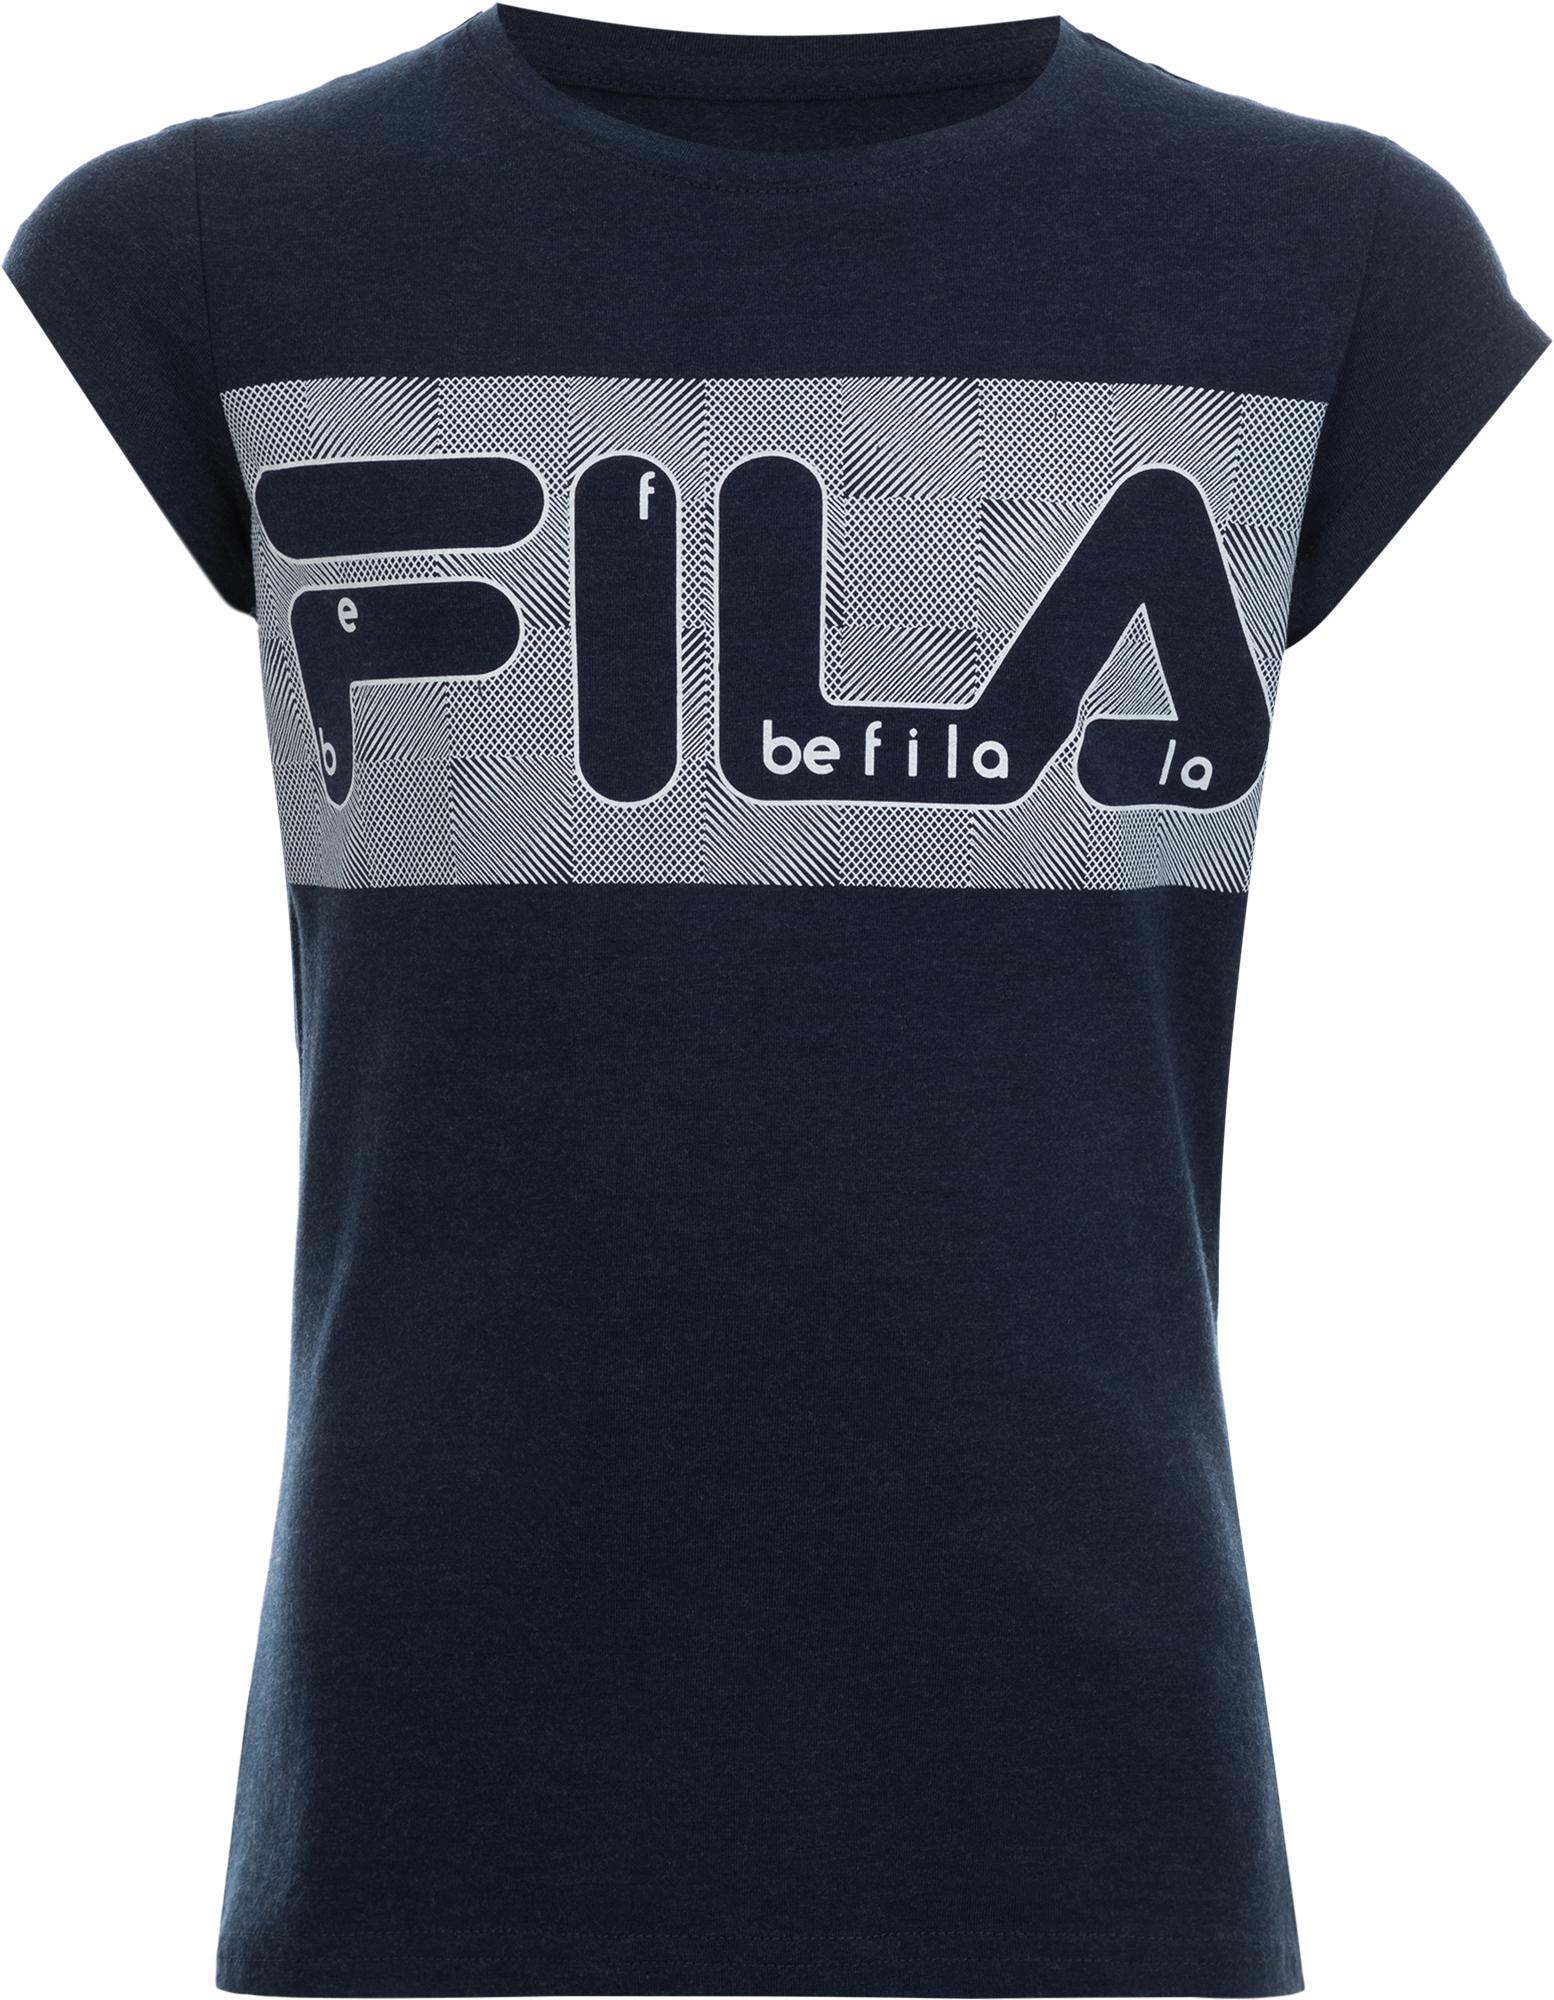 Fila Футболка для девочек Fila, размер 134